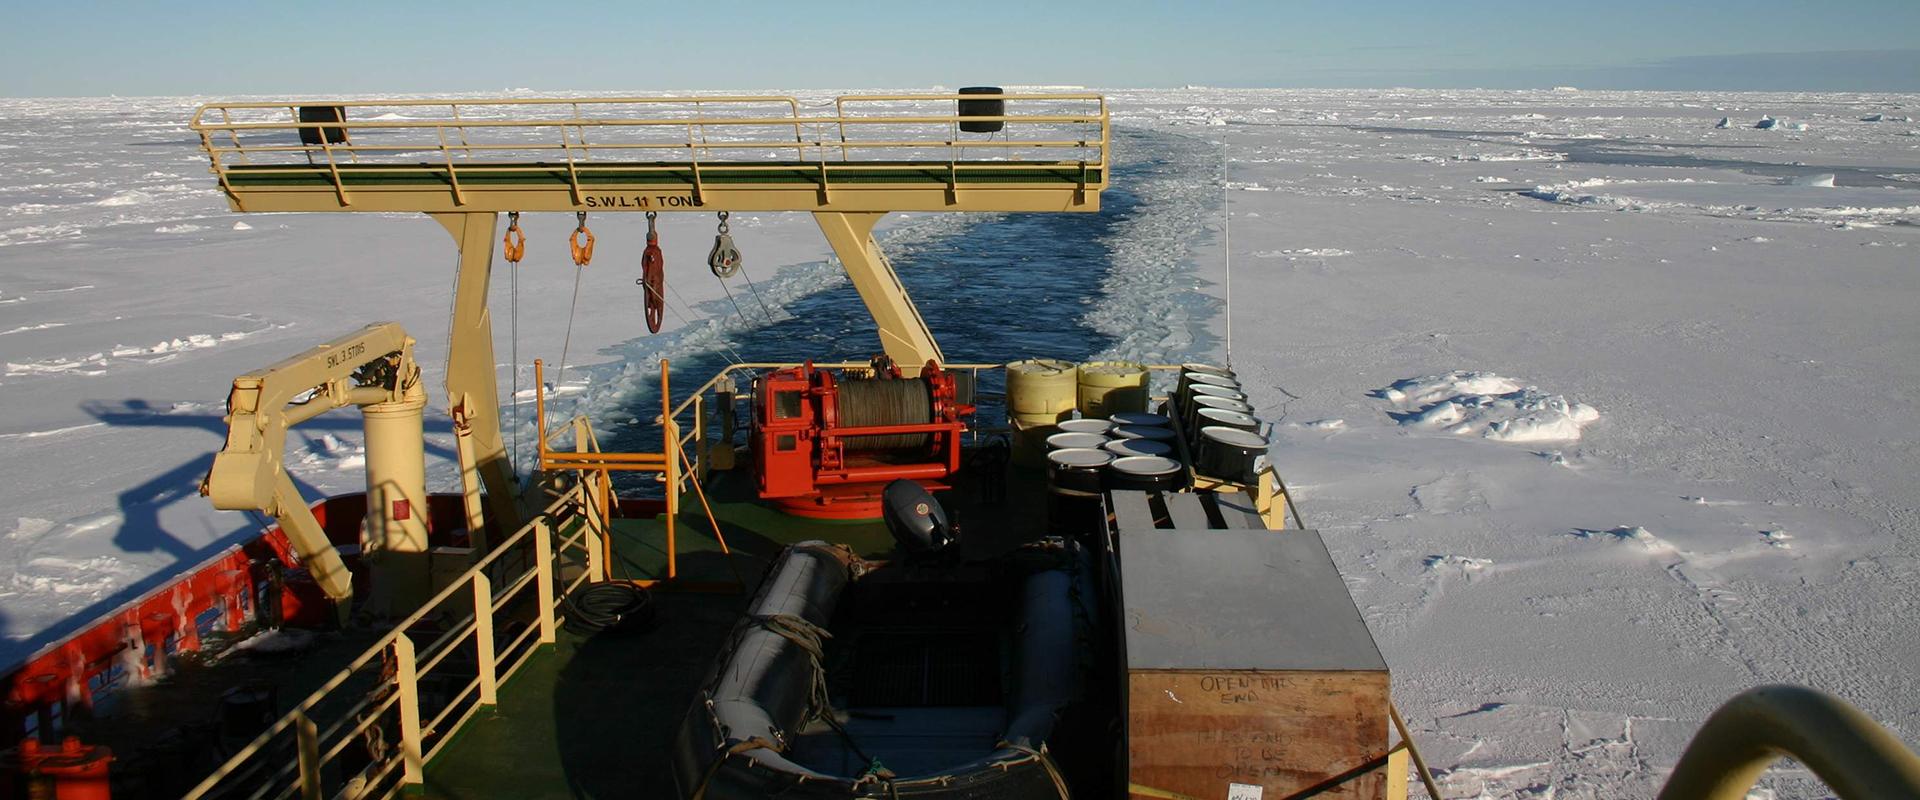 Ship breaking through ice